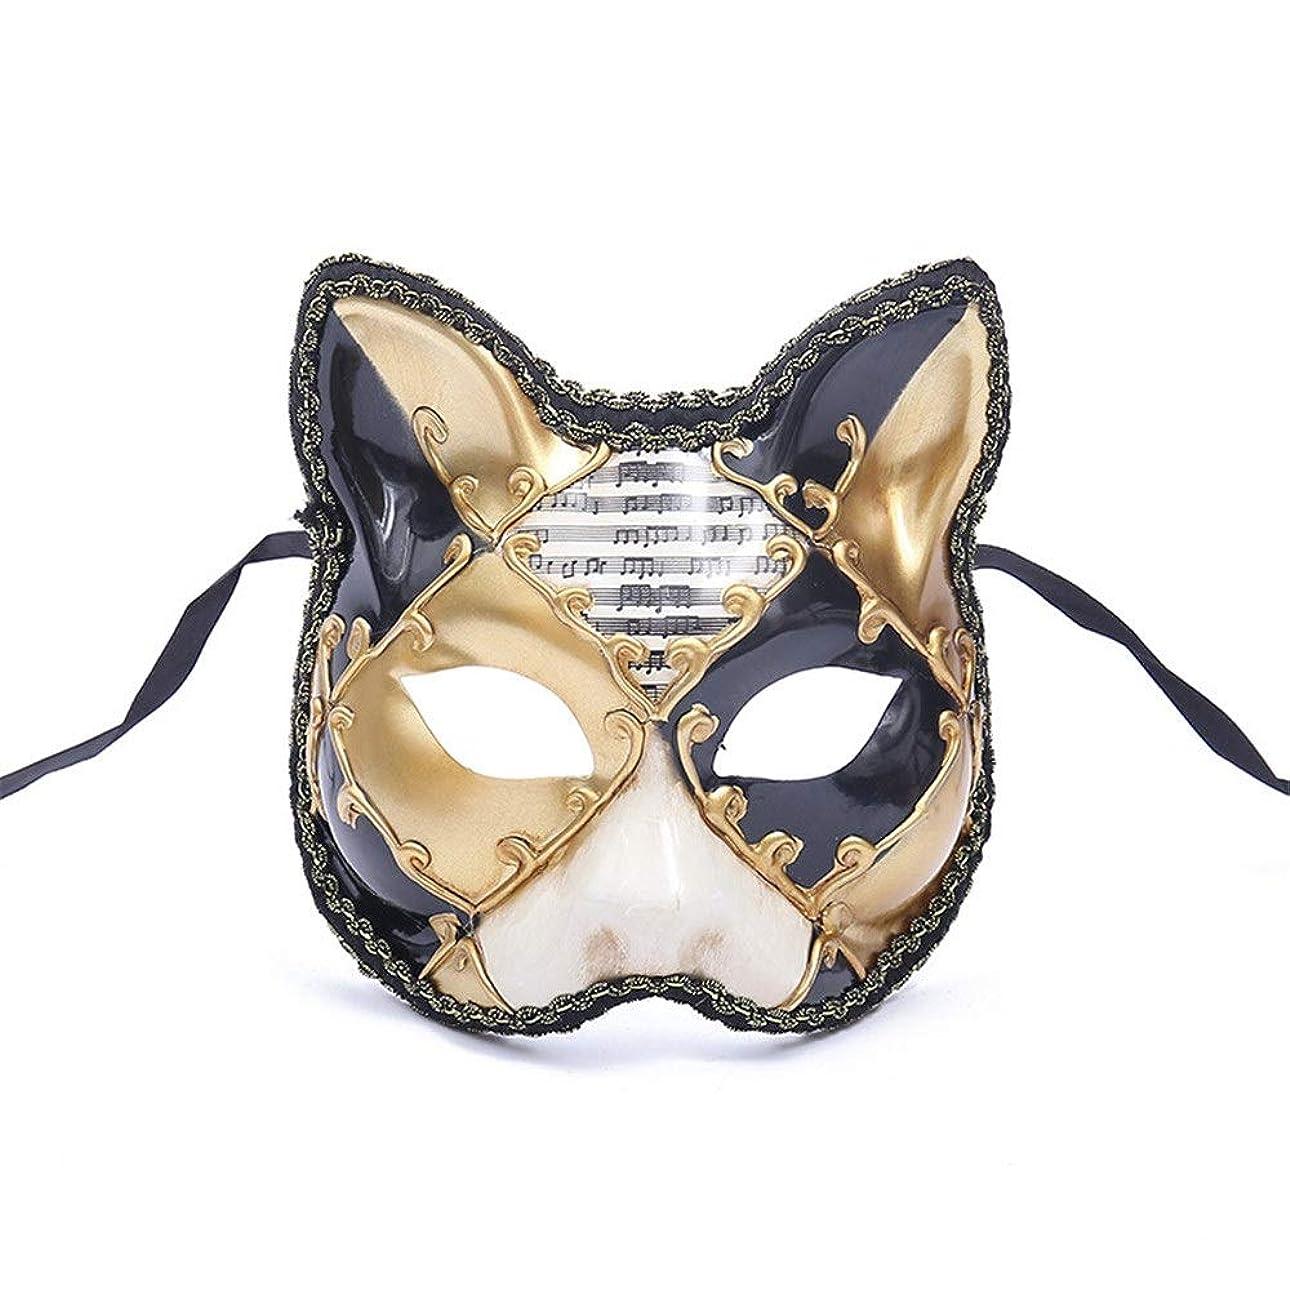 ストリームスパーク猛烈なダンスマスク 大きな猫アンティーク動物レトロコスプレハロウィーン仮装マスクナイトクラブマスク雰囲気フェスティバルマスク ホリデーパーティー用品 (色 : 黄, サイズ : 17.5x16cm)